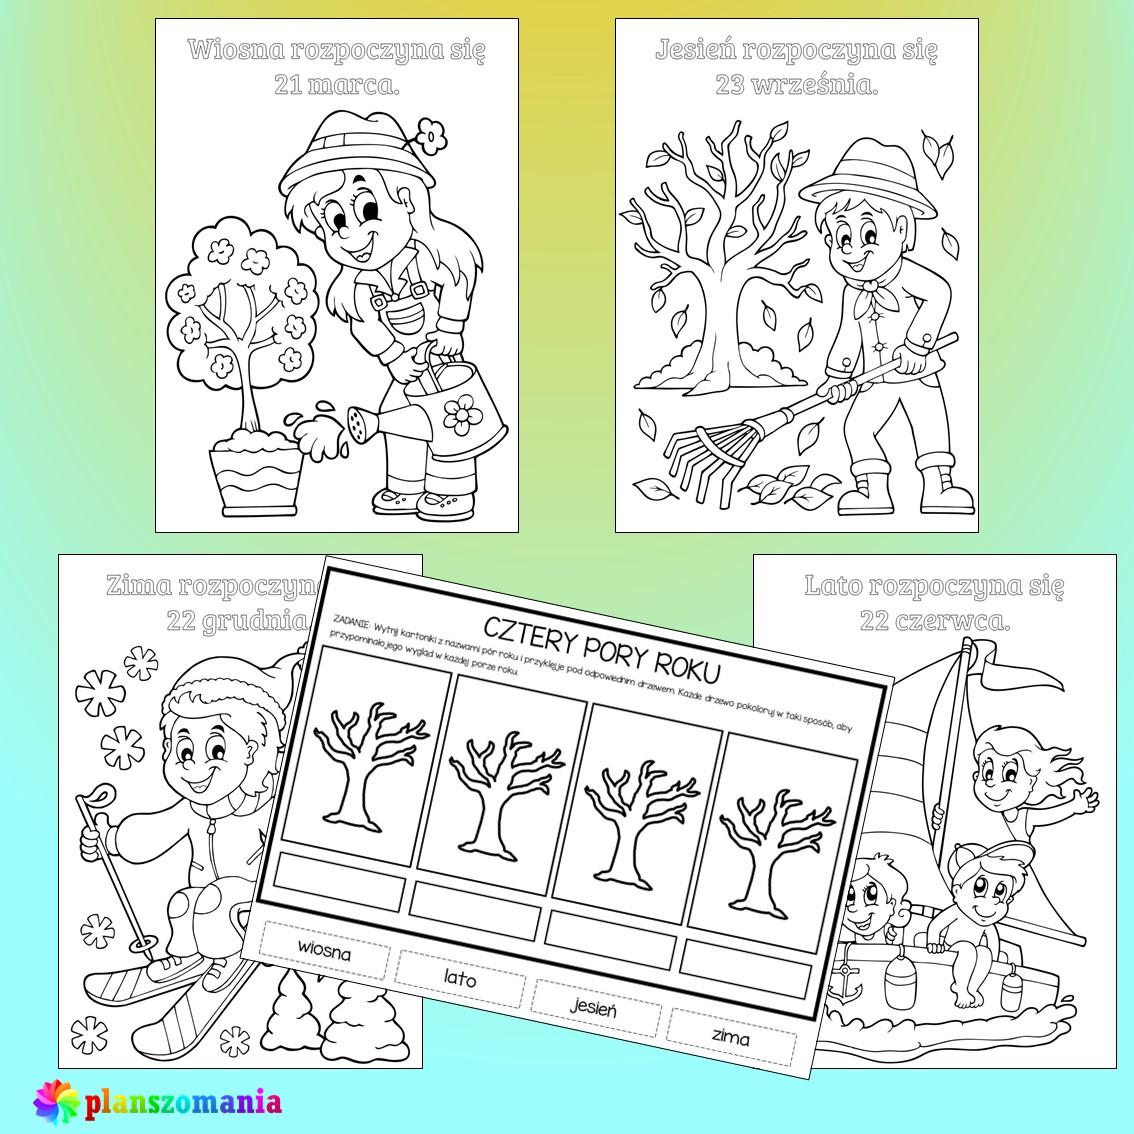 cztery pory roku edukacja wczesnoszkolna przedszkole do druku pdf zabawy i gry dla dzieci plansze edukacyjne materiały dydaktyczne karty pracy kolorowanki